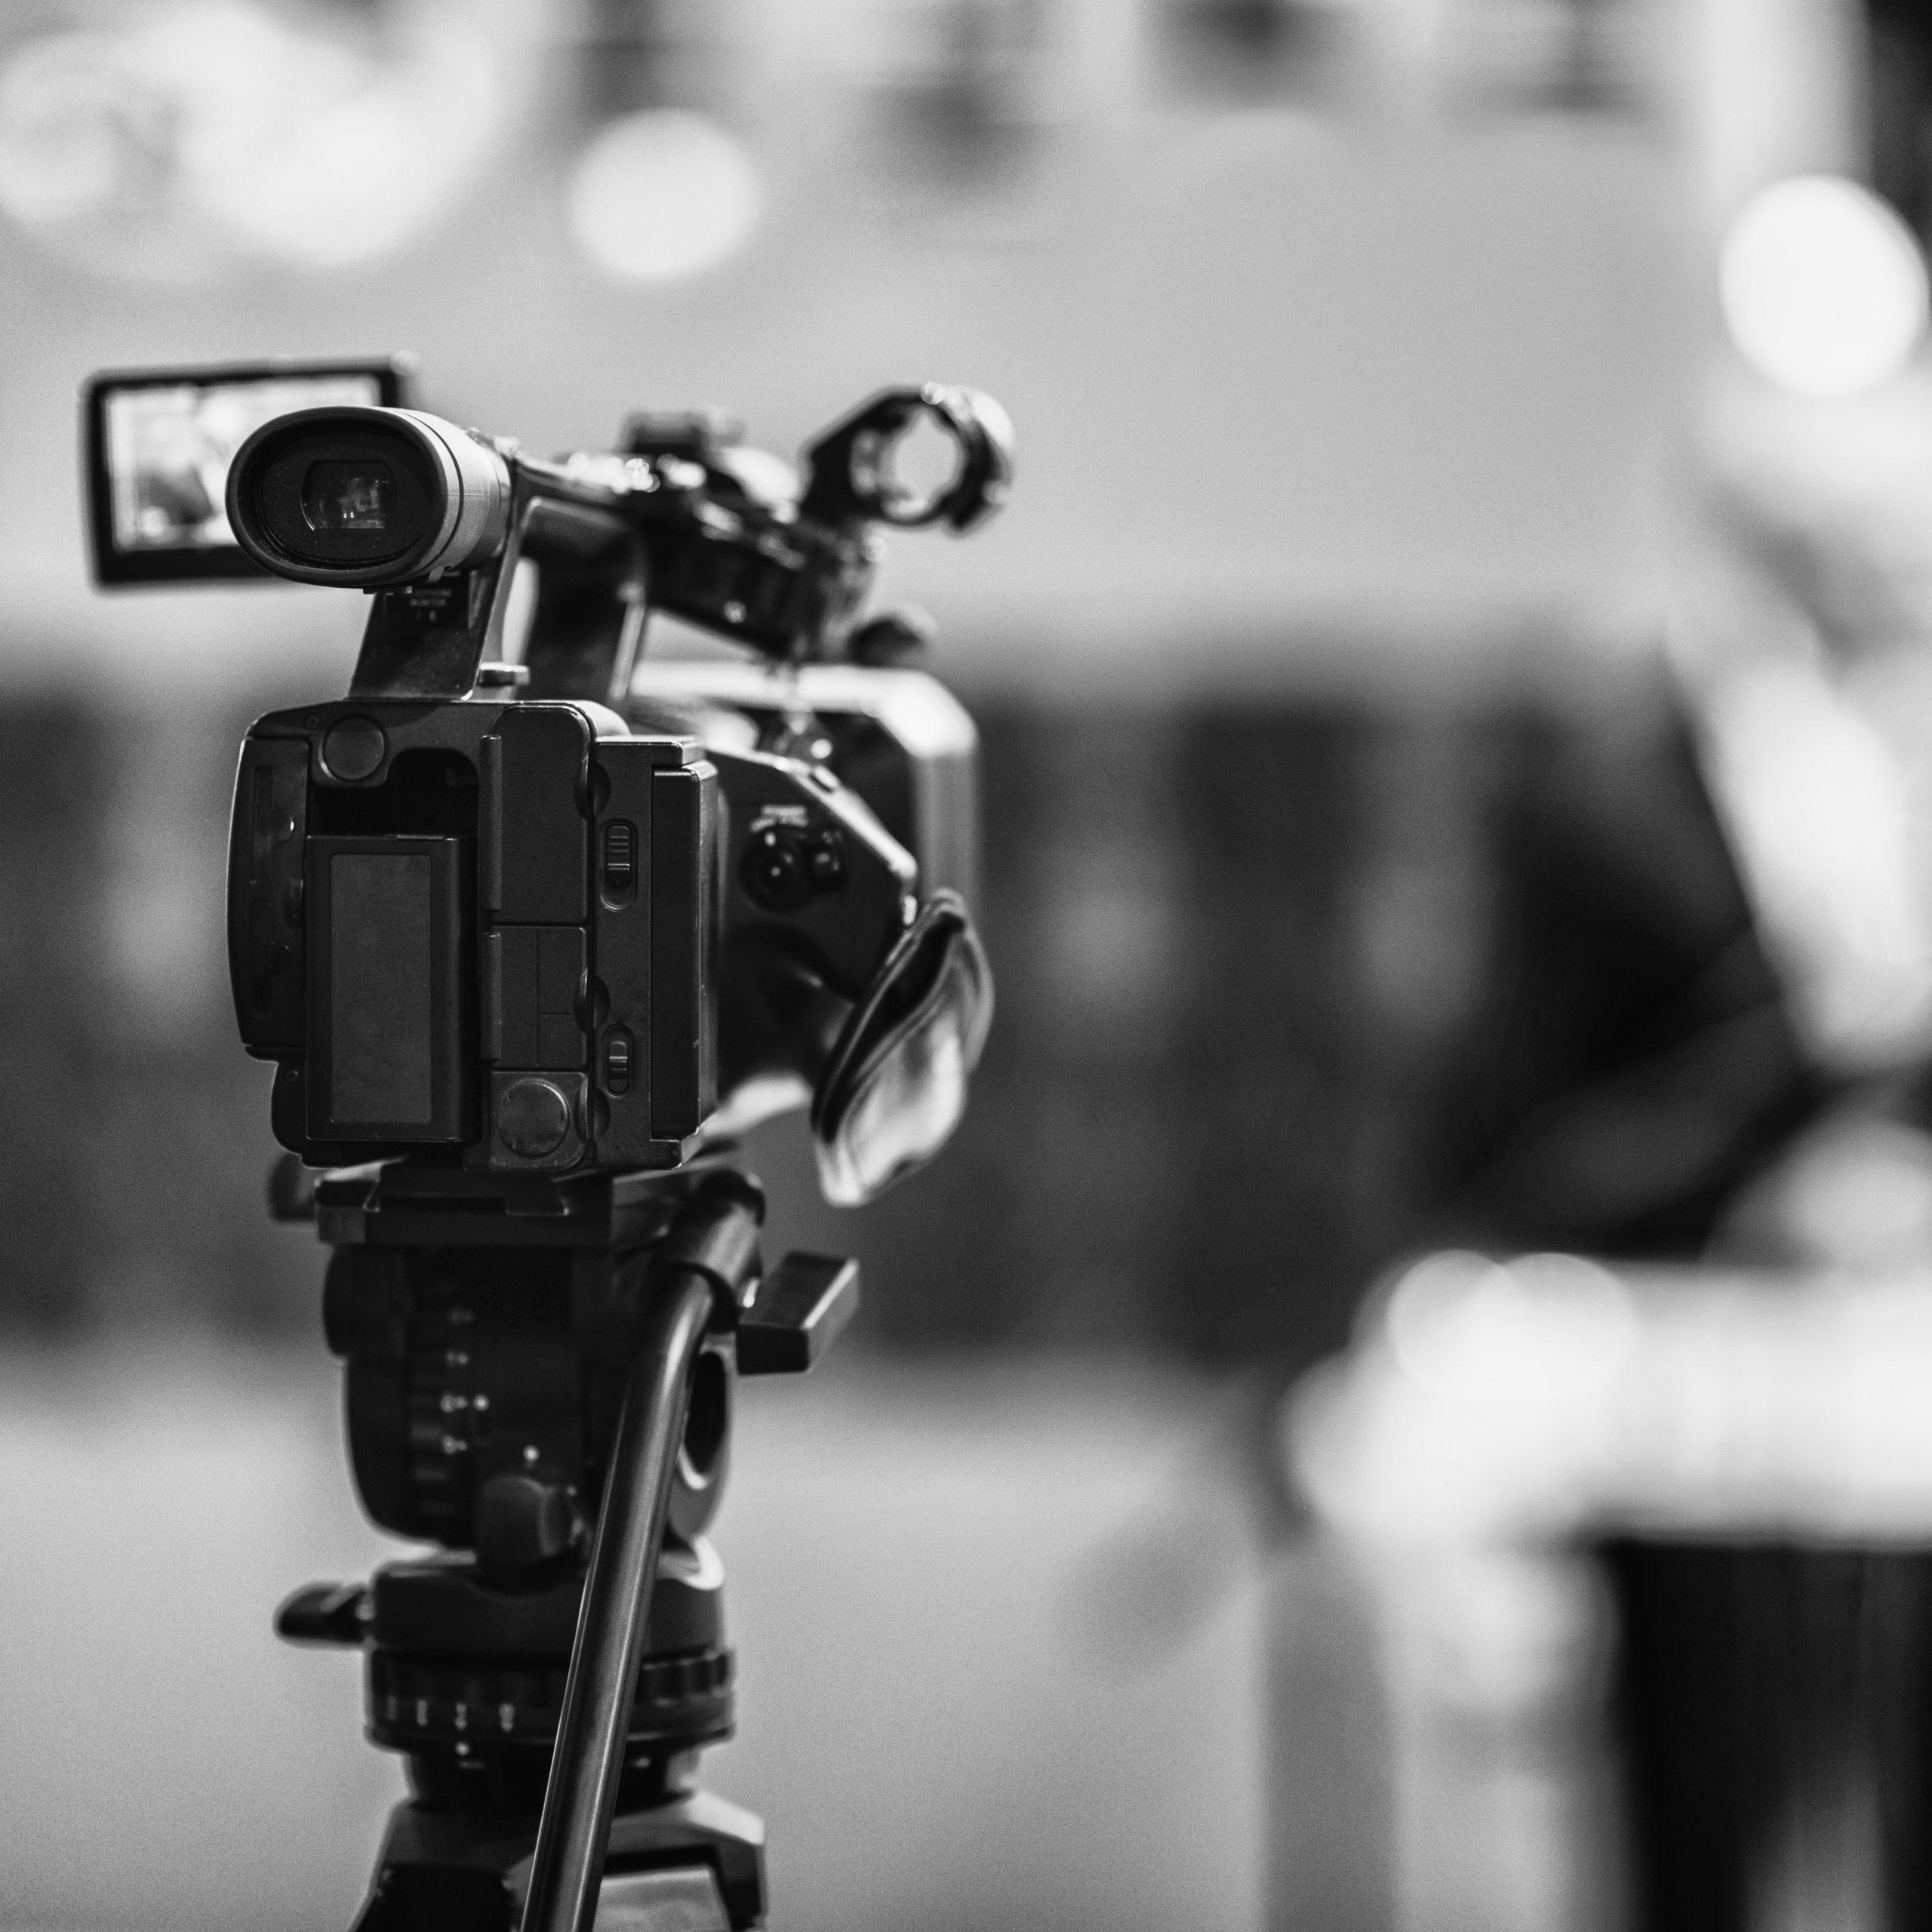 QUÉ ES EL VÍDEO MARKETING Y PORQUÉ ES IMPORTANTE PARA LA COMUNICACIÓN EMPRESARIAL